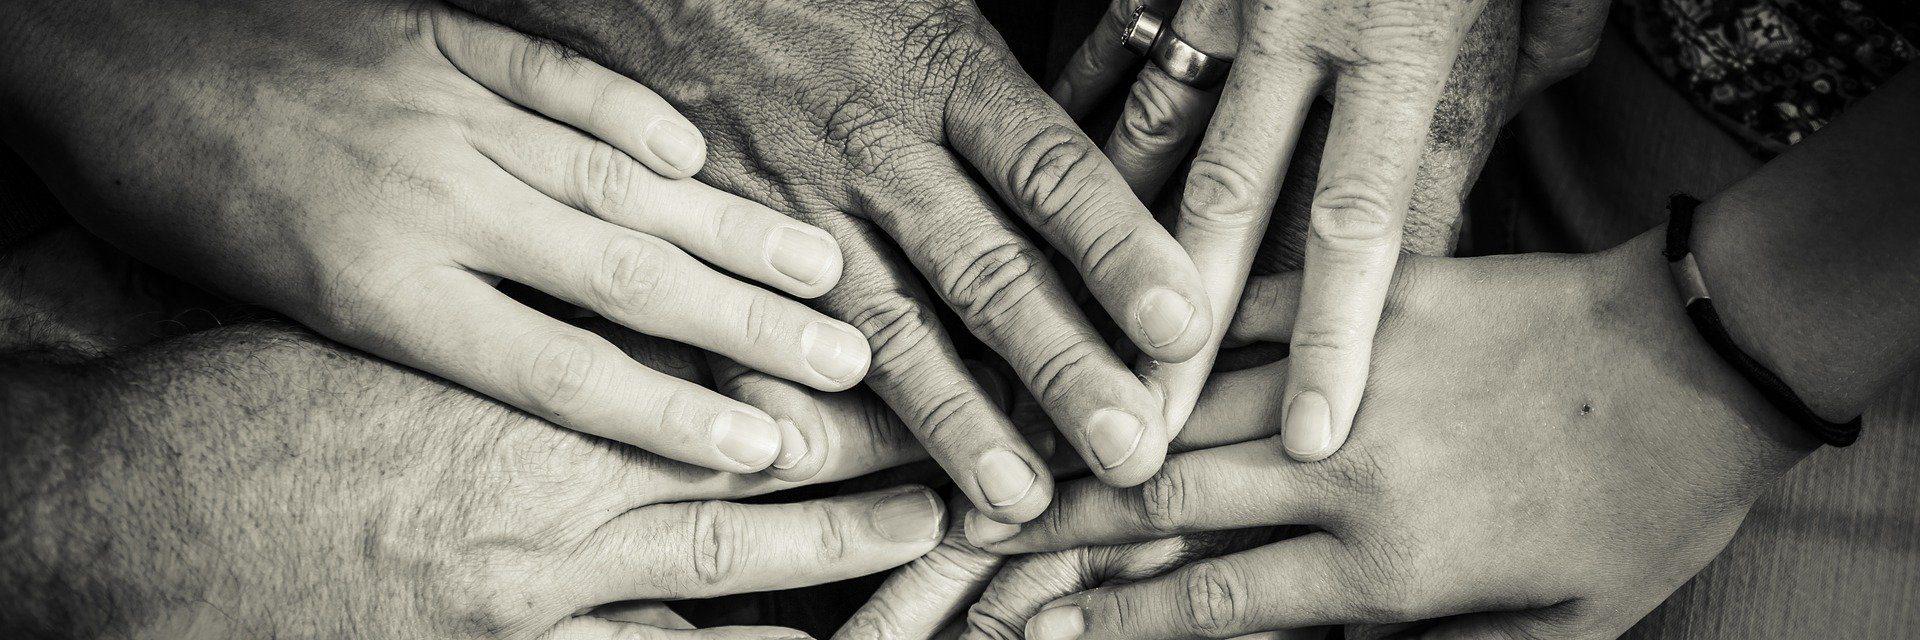 Hands 4114905 1920